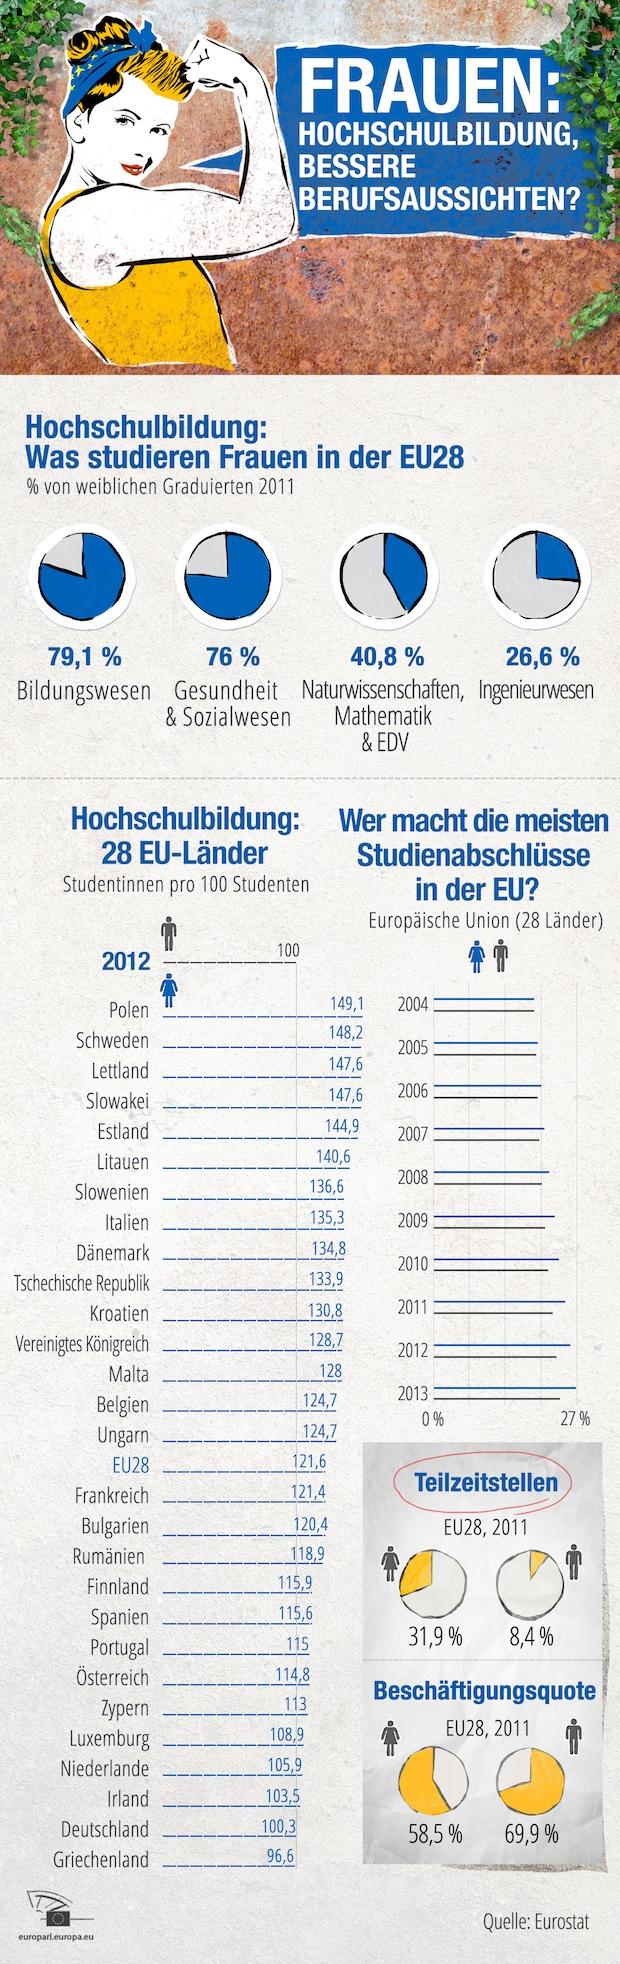 Bild von Bildungsabschlüsse, Teilzeitstellen und Beschäftigungsquoten in Europa